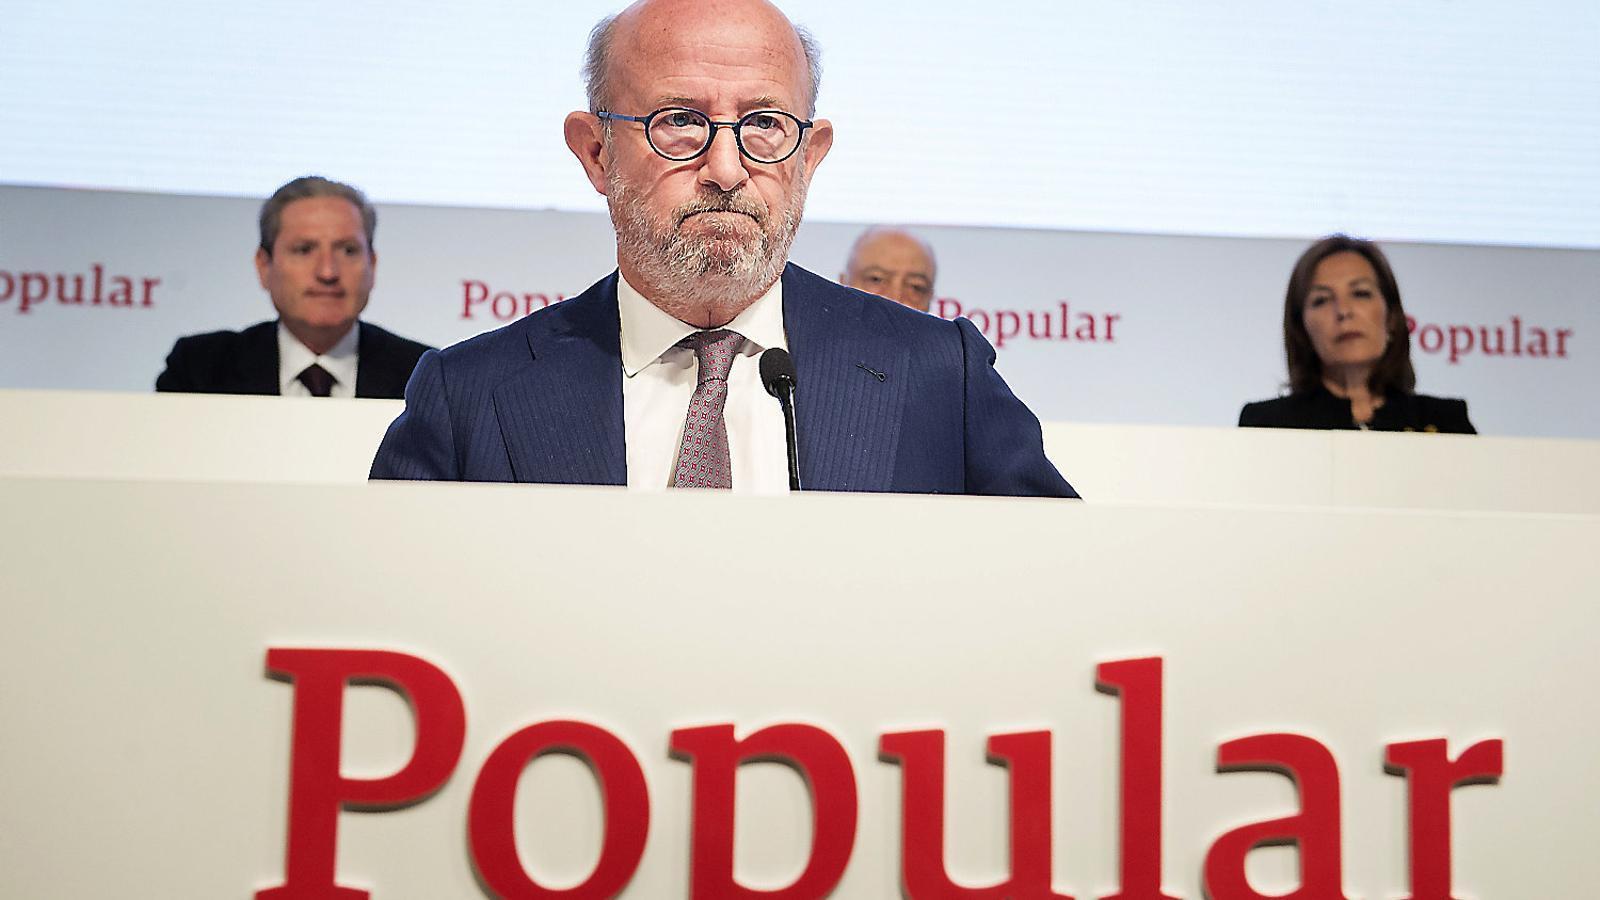 El president del Banco Popular, Emilio Saracho, haurà de decidir a qui ven el banc i en quines condicions.